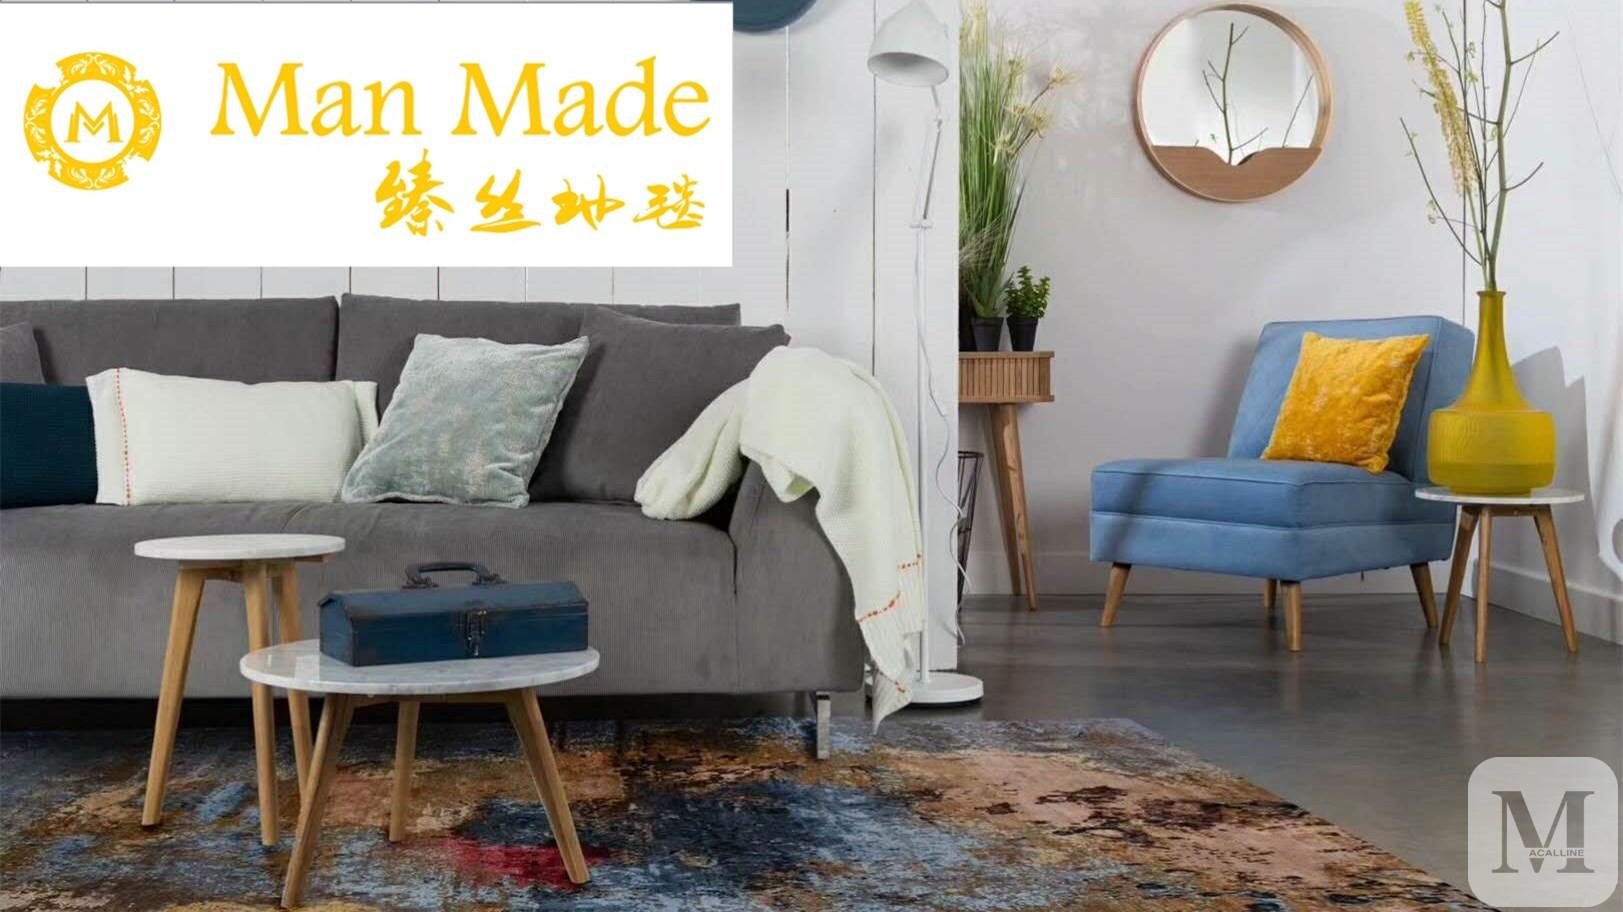 Man Made(上海欧丽洛雅吴中商场)